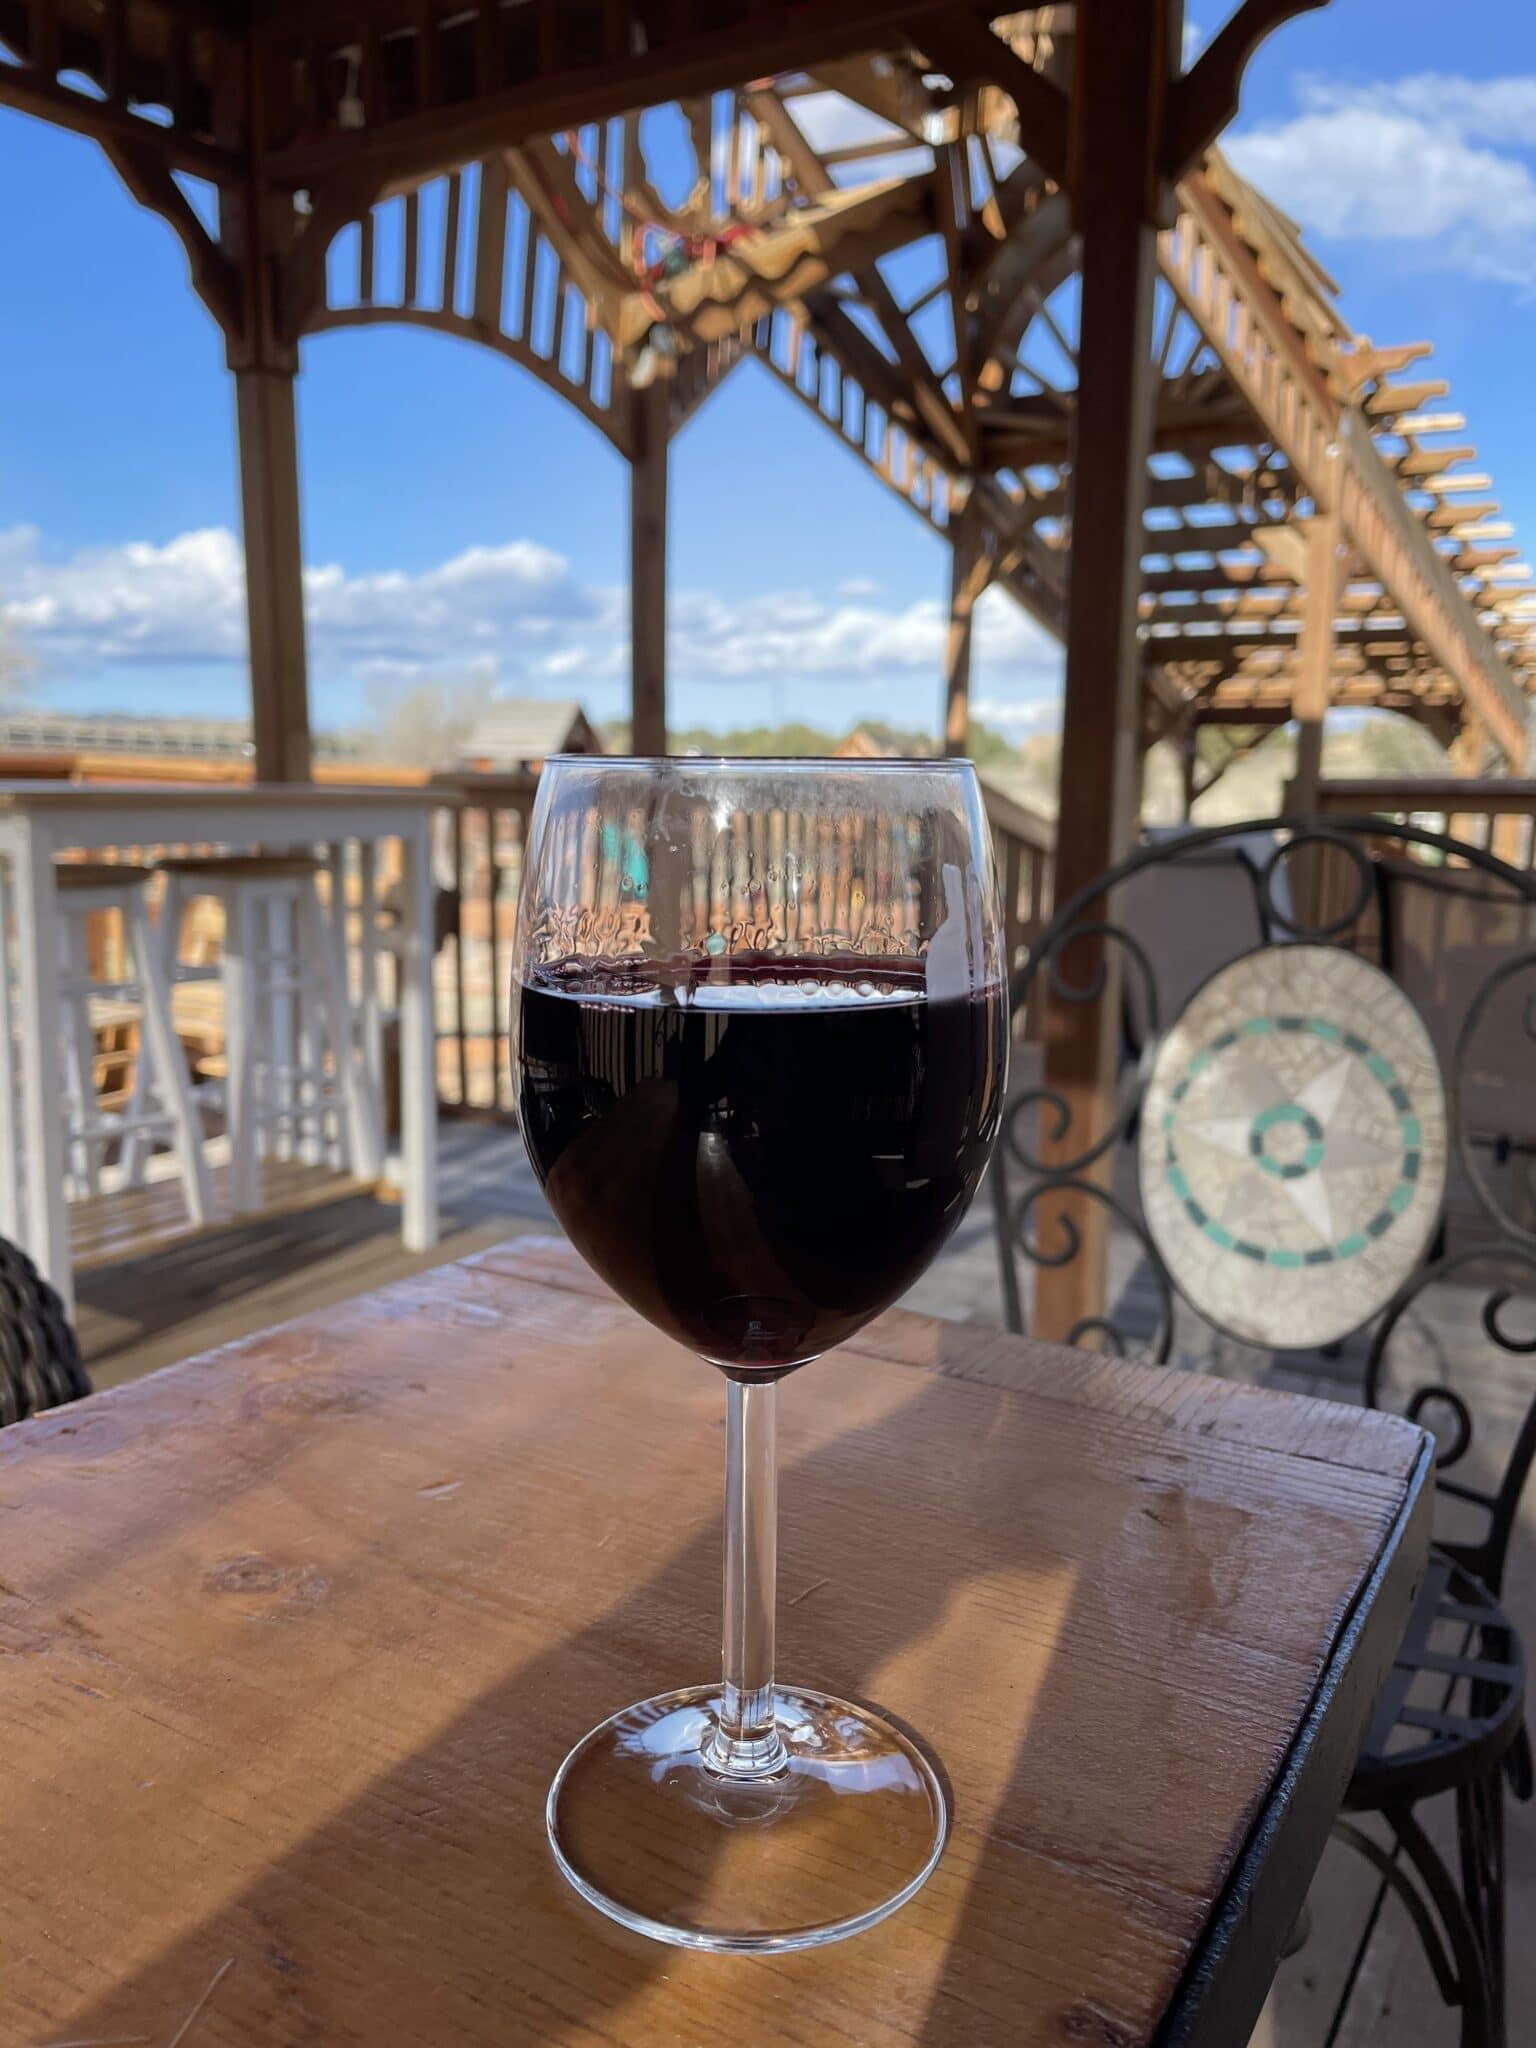 image of wine tasting at legatum cellars